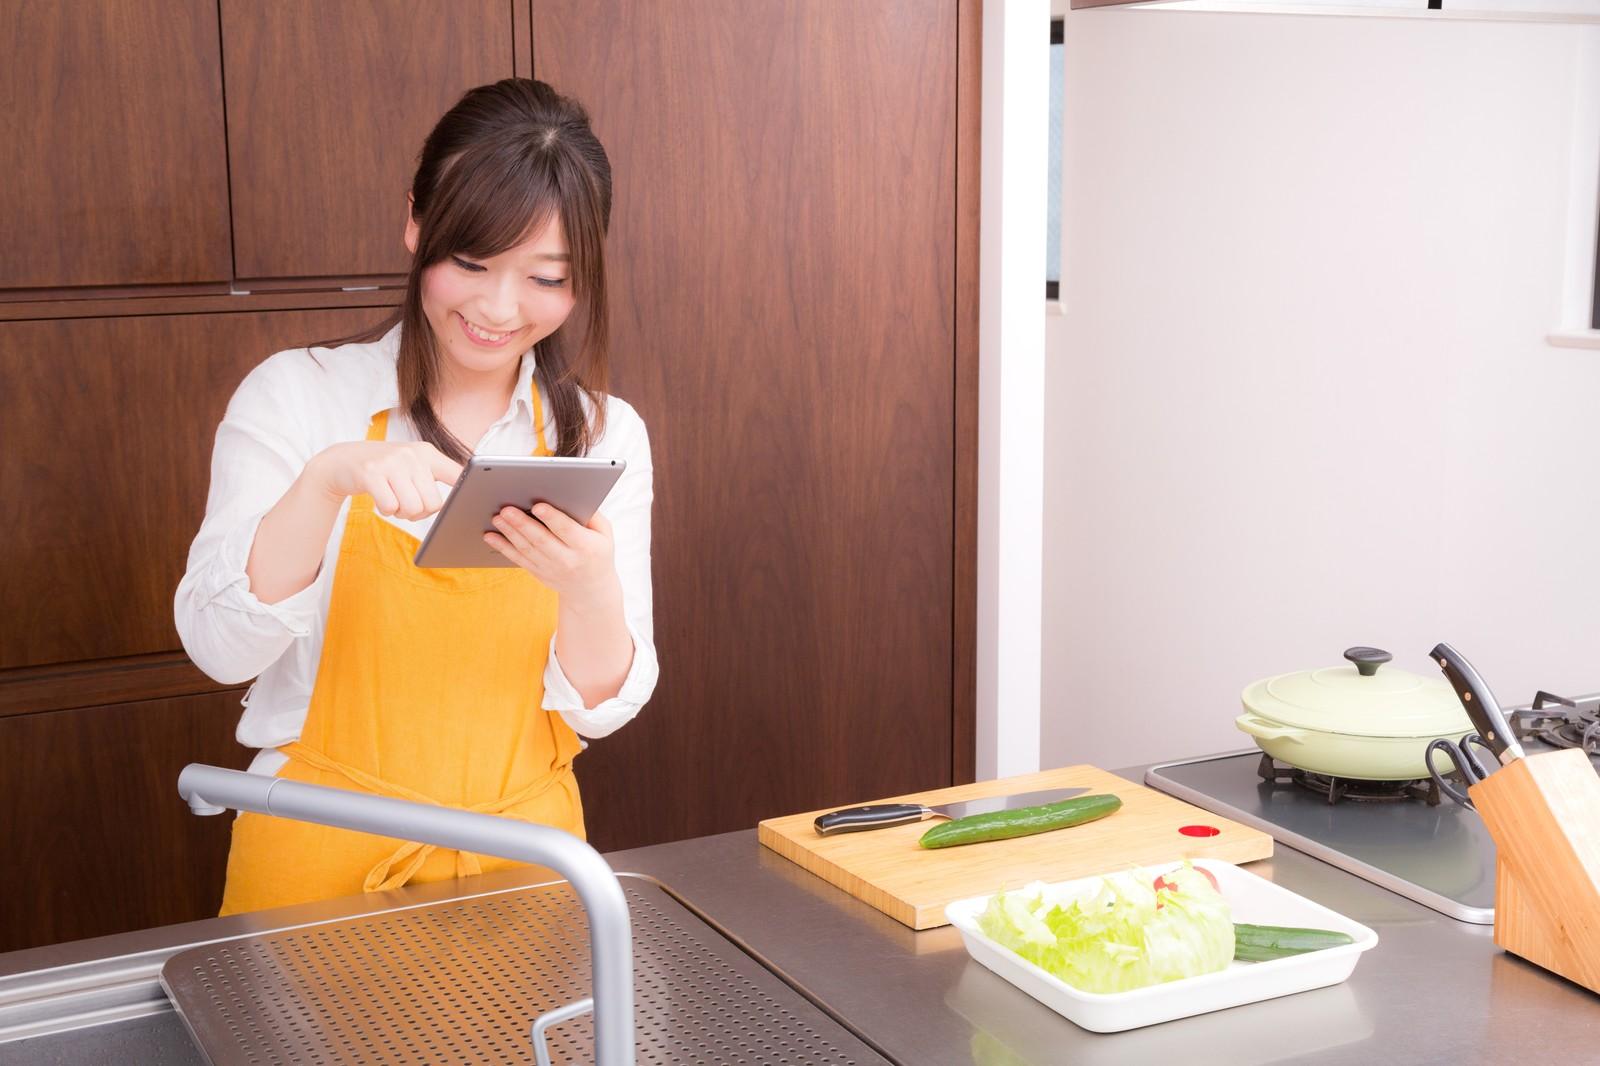 同棲中はご飯はどっちが作る?食費は折半してる?ご飯で喧嘩とその解消例